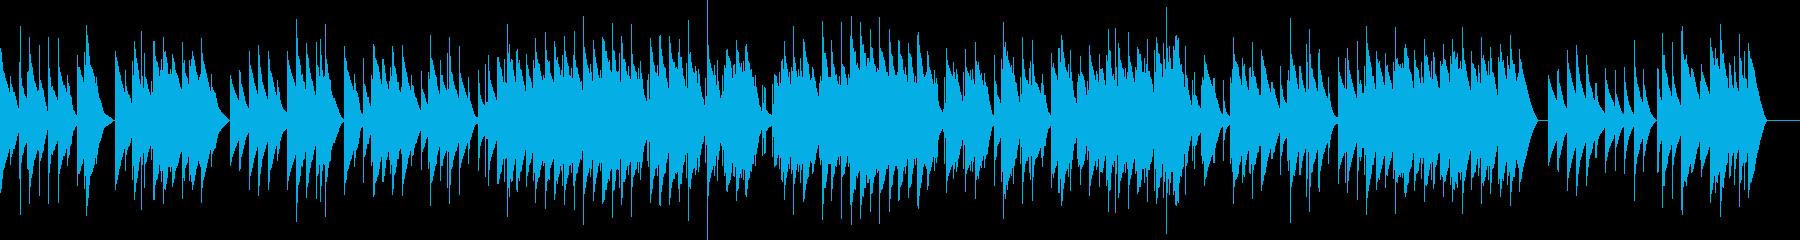 フォーレ 4.メリザンドの死 オルゴールの再生済みの波形